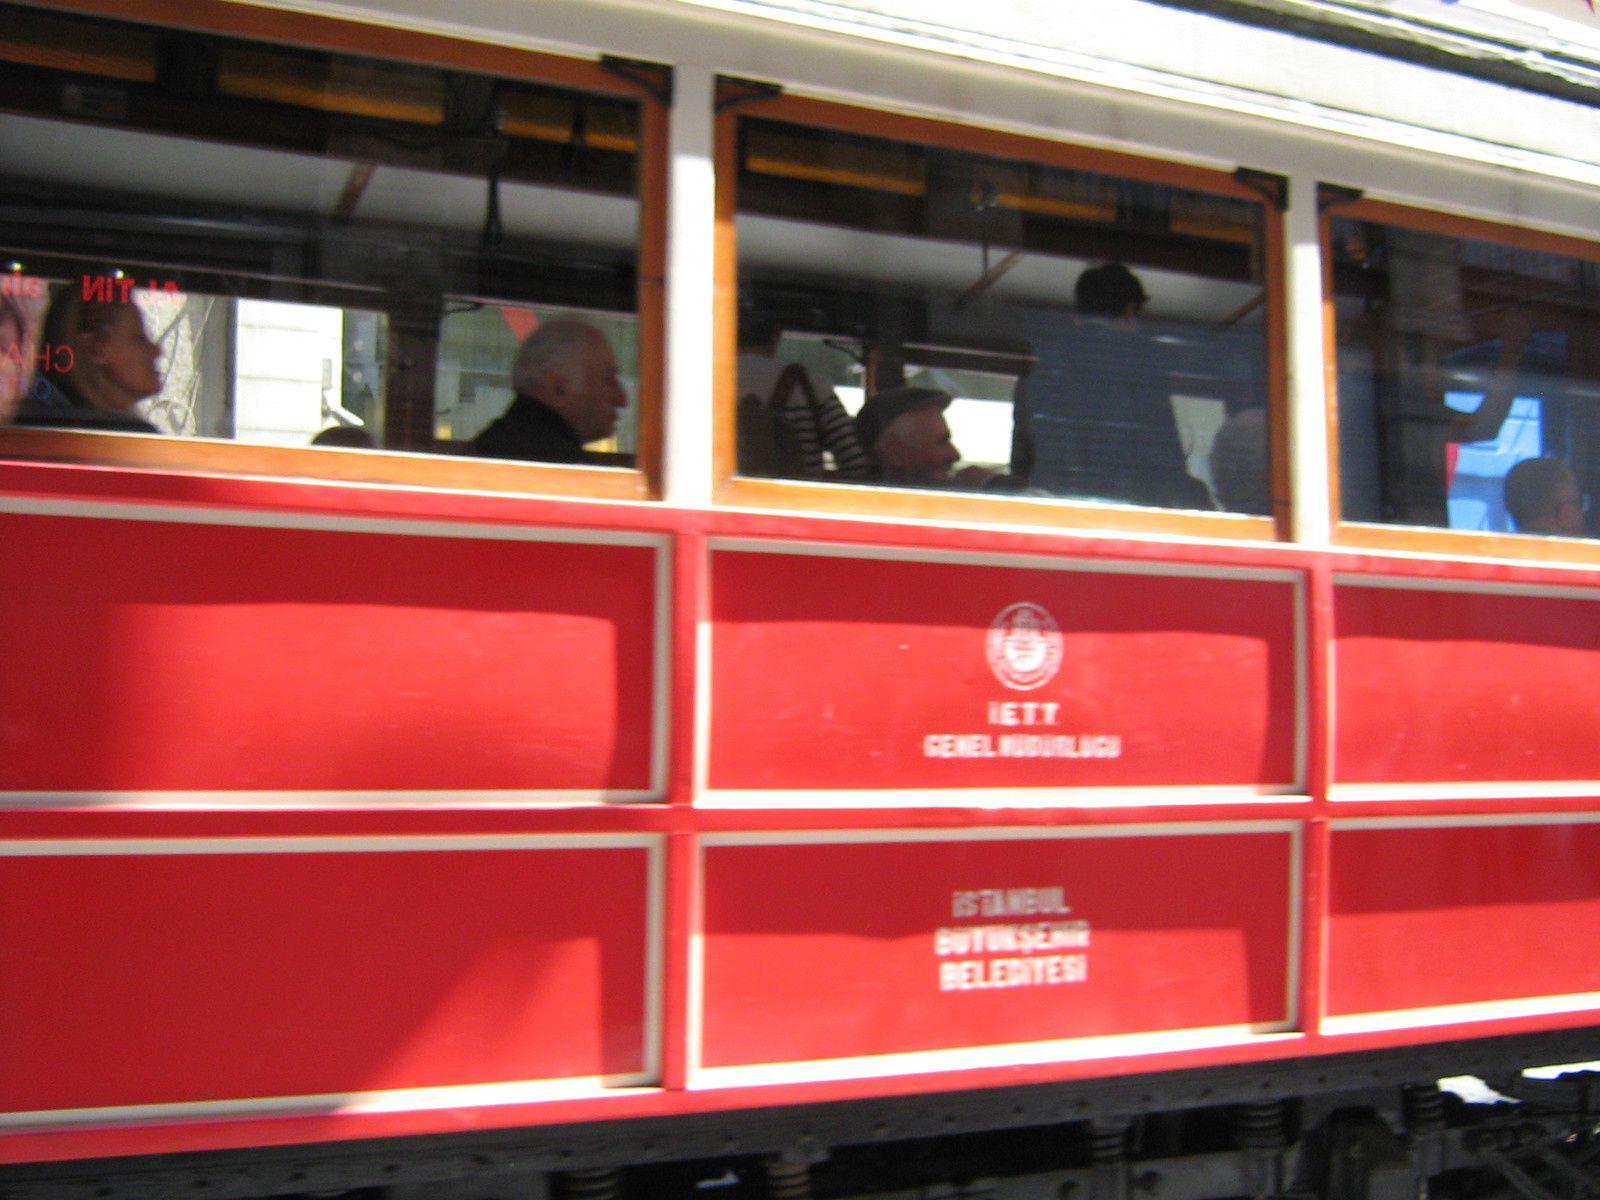 Le tramway nostalgique... mais où était l'arrêt intermédiaire ??? On croisait toujours celui qui descendait alors qu'il nous fallait celui qui remontait...